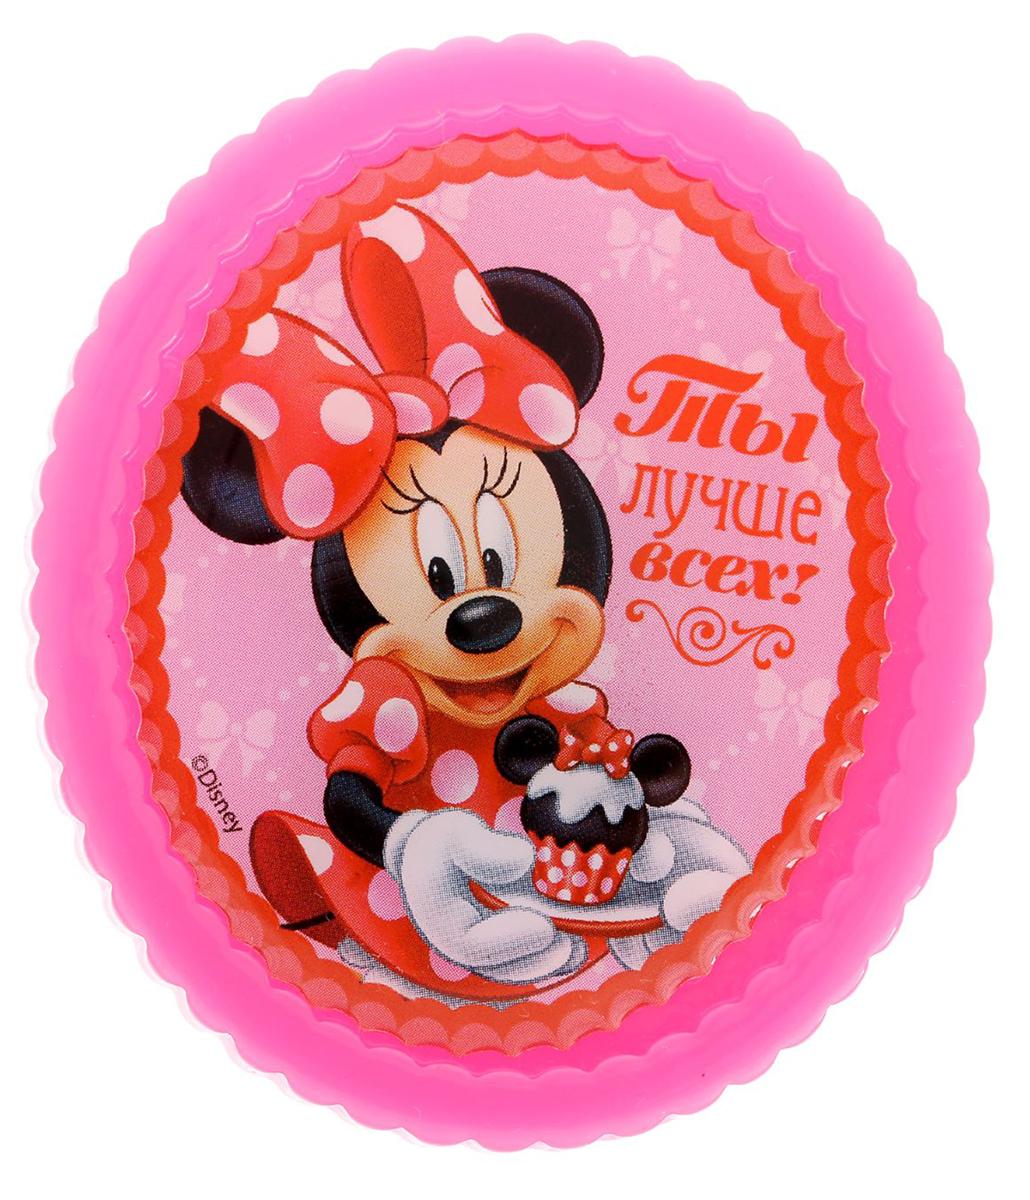 Магнит-рамка Disney Минни Маус. Ты лучше всех!, 6,1 х 5,2 см. 12568691256869Дарите радость с Disney!Удивите малышей уникальным сувениром с любимым персонажем! Он порадует ребёнка стильным дизайном и ярким исполнением. Красочный акриловый магнит будет долгие годы украшать холодильник или другую металлическую поверхность.Изделие дополнено оригинальной открыткой, где можно написать тёплые слова и сделать маленький подарок более личным.Соберите коллекцию аксессуаров с любимыми героями!